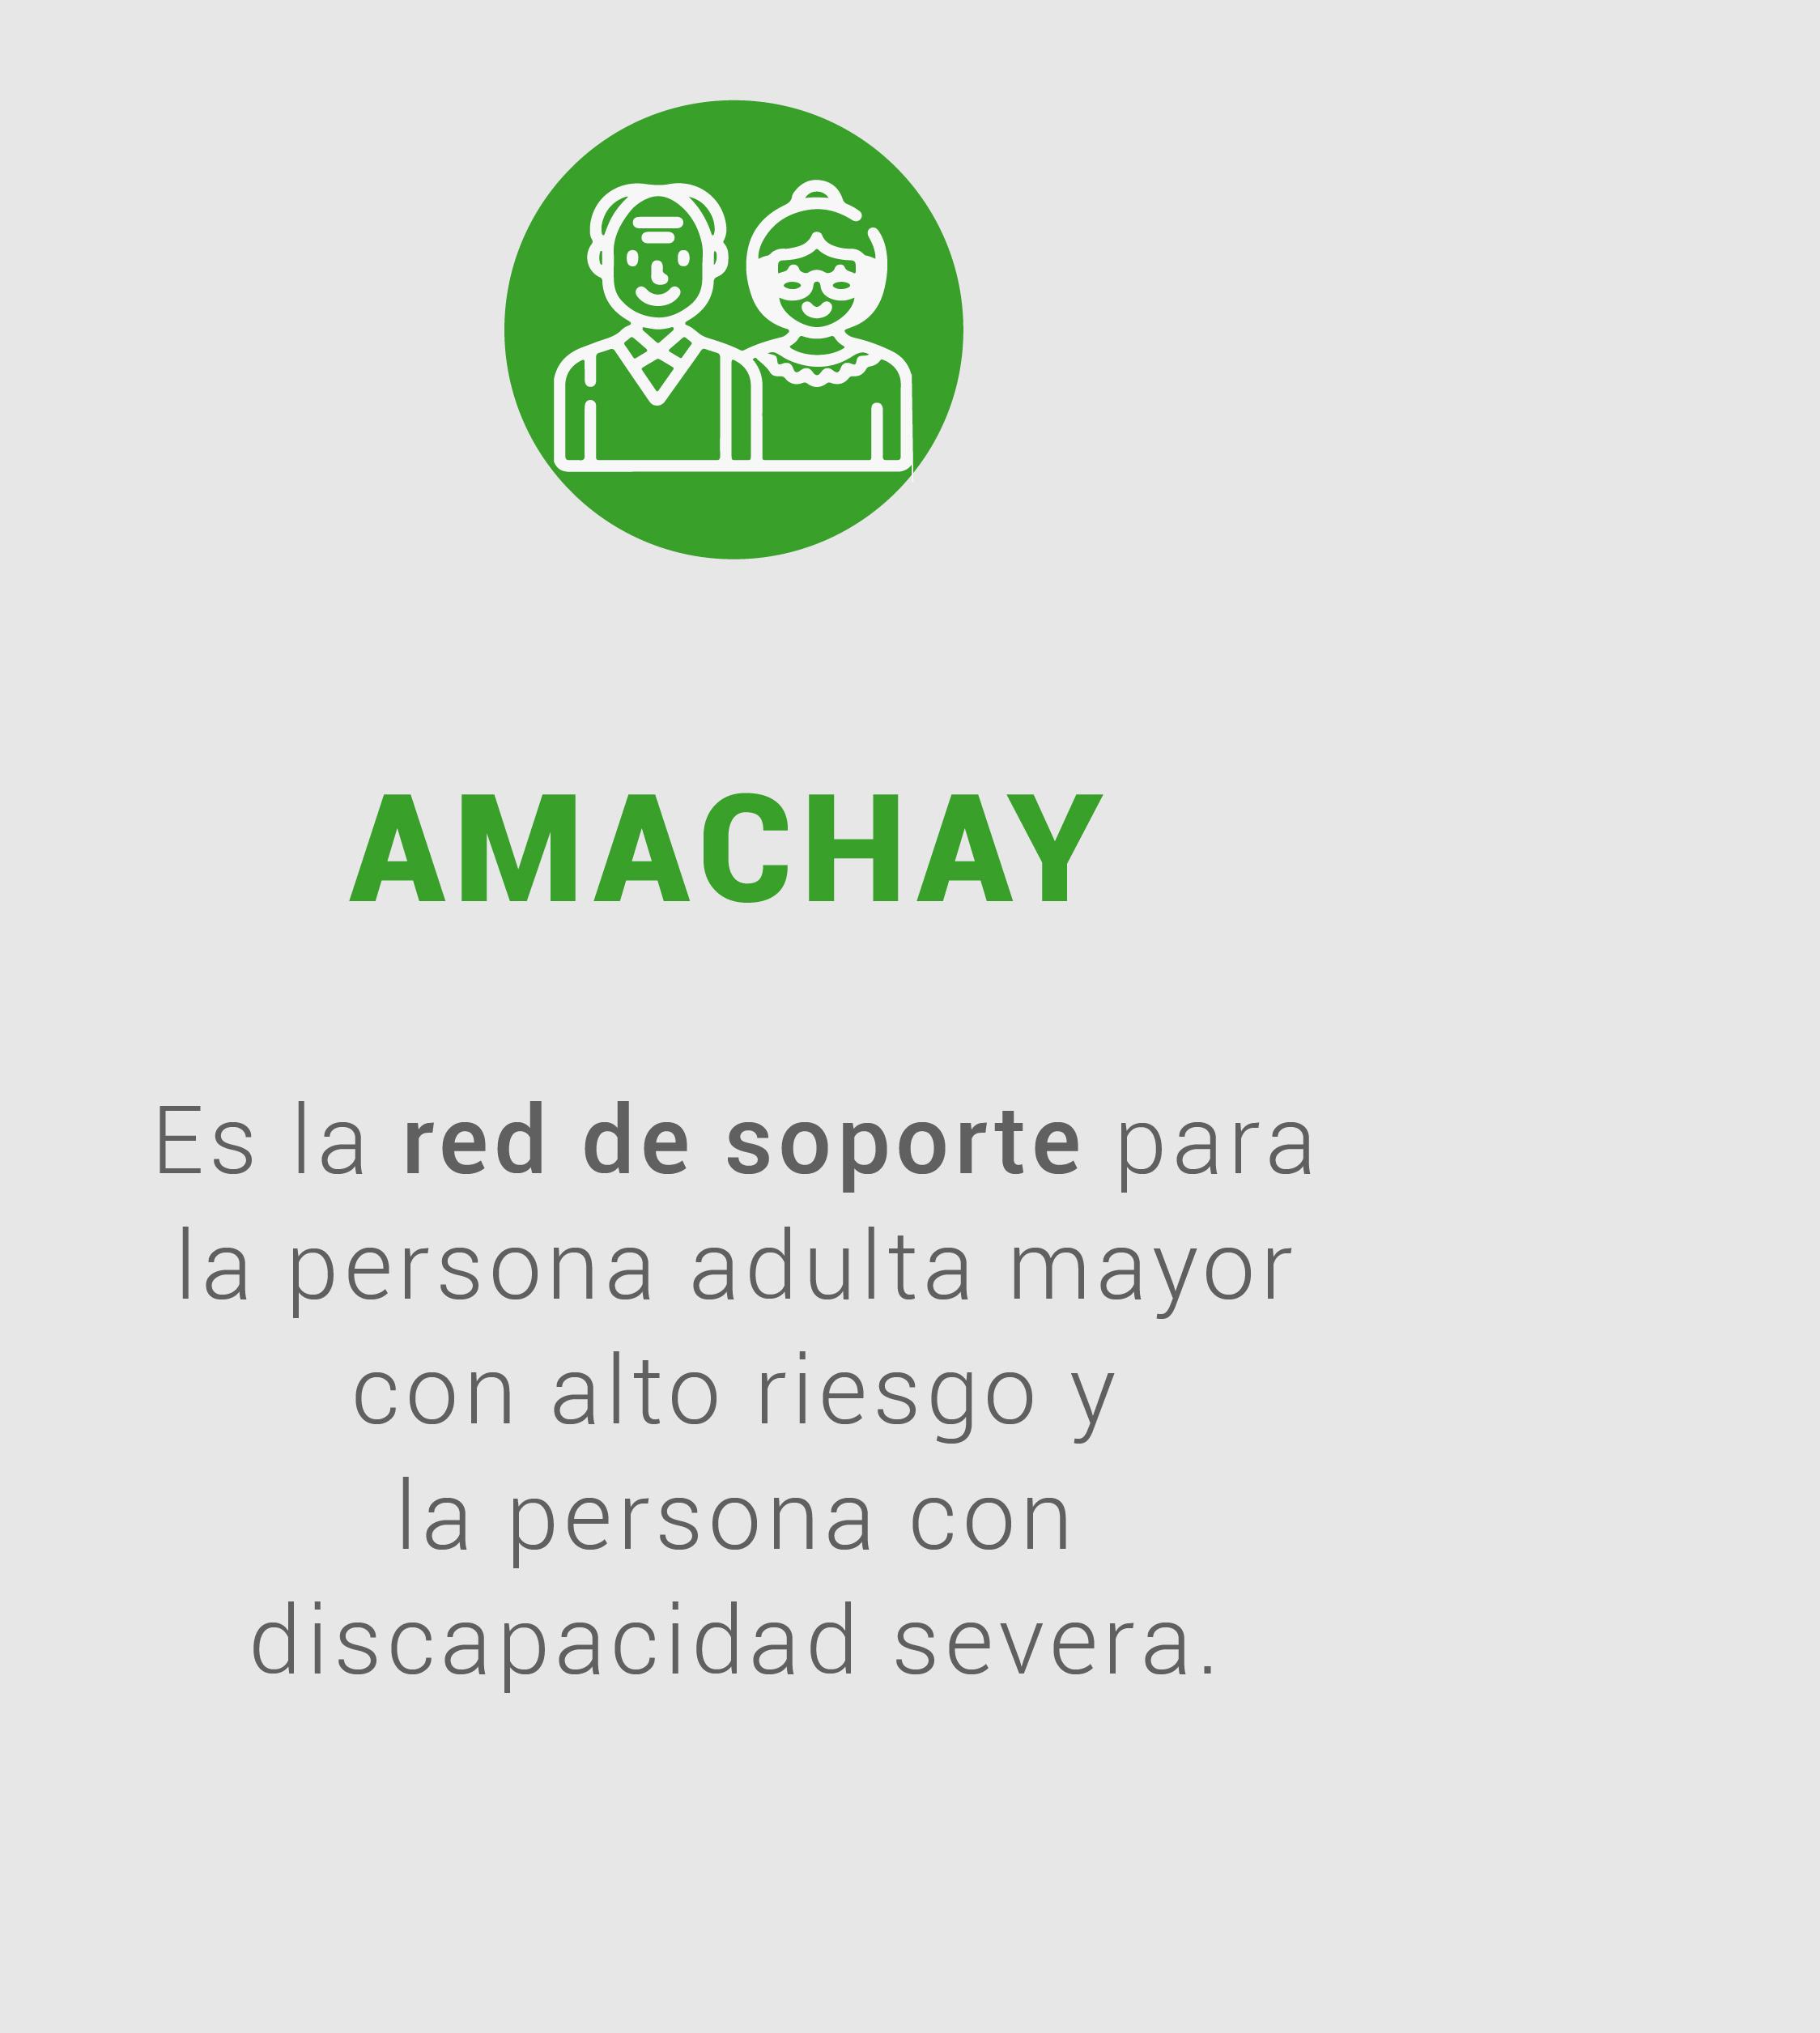 banco herramientas - Amachay